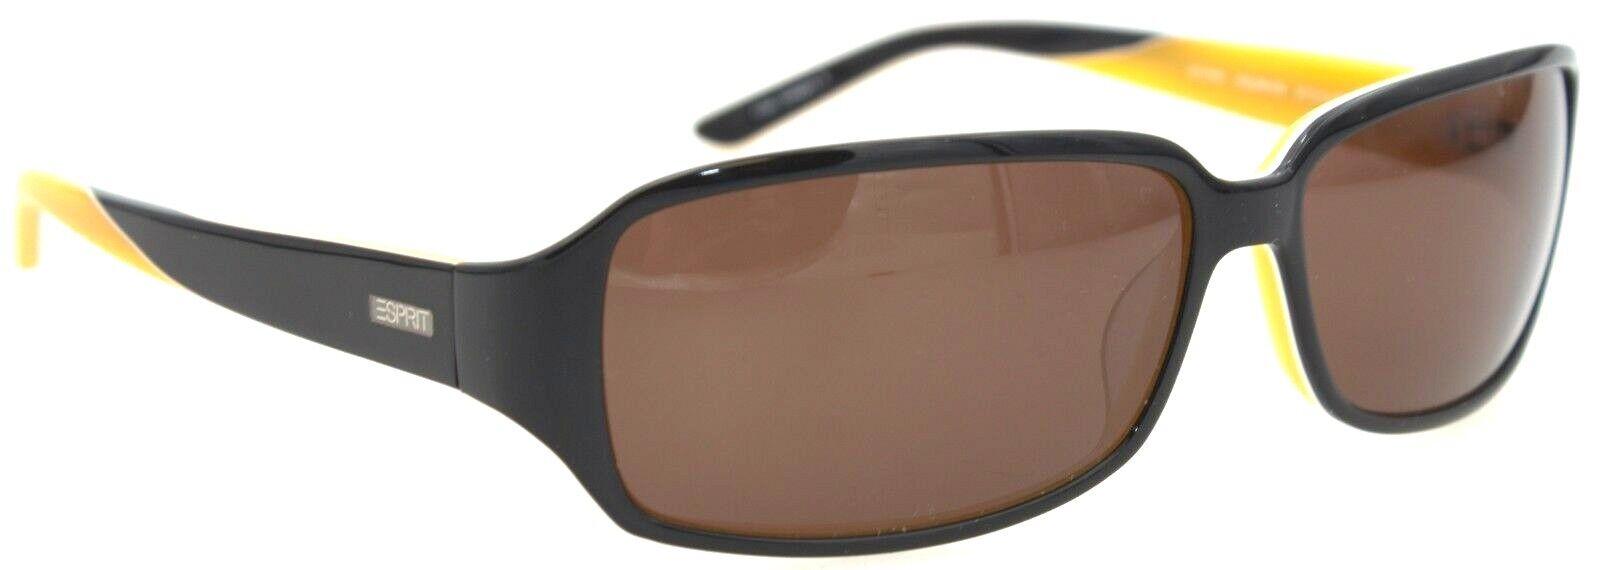 Esprit Sonnenbrille ET17743 Farbe-576 Gr 61 Konkursaufkauf BP 290 T21 | Feinbearbeitung